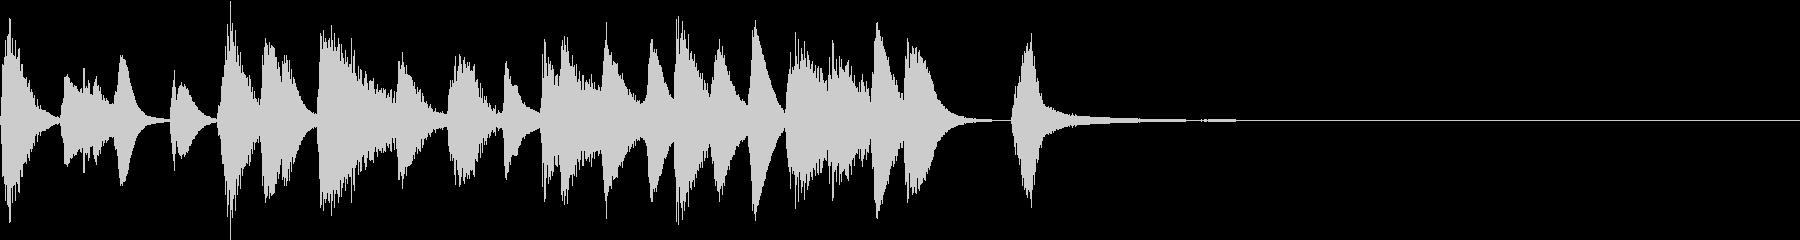 ピアノジングル軽快ジャズカフェ風の未再生の波形